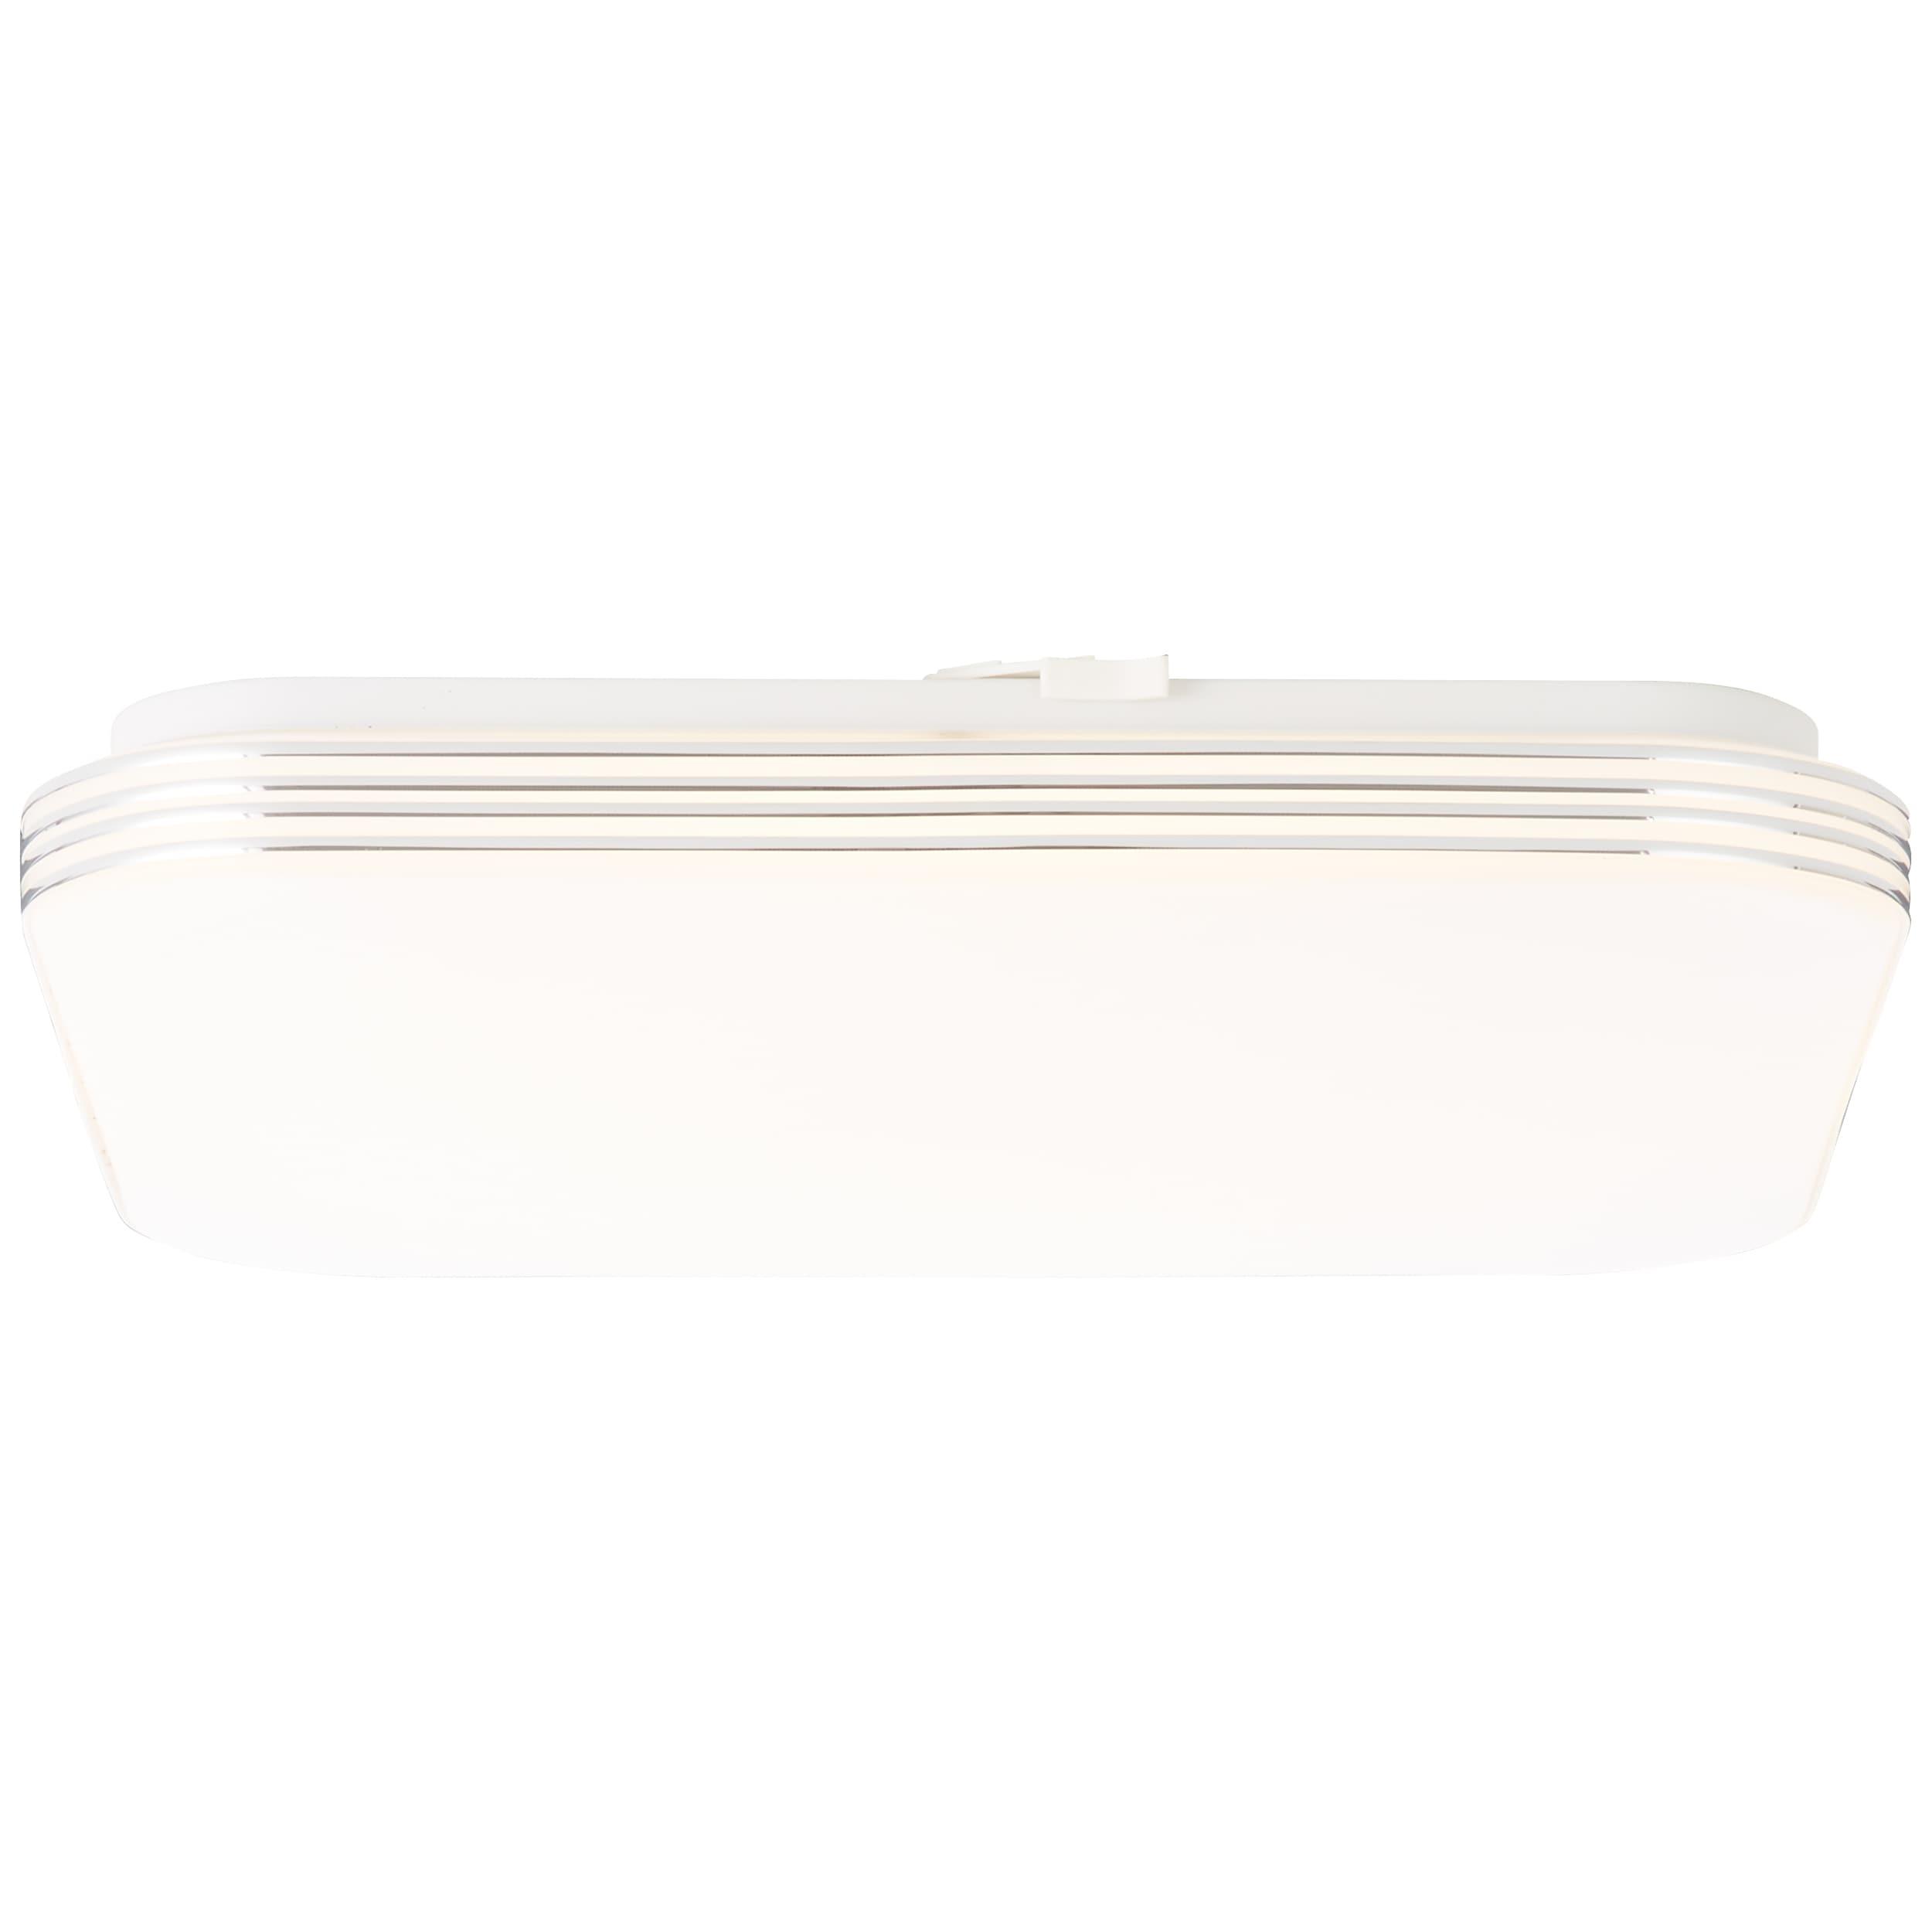 Brilliant Leuchten Ariella LED Wand- und Deckenleuchte 34x34cm weiß/chrom